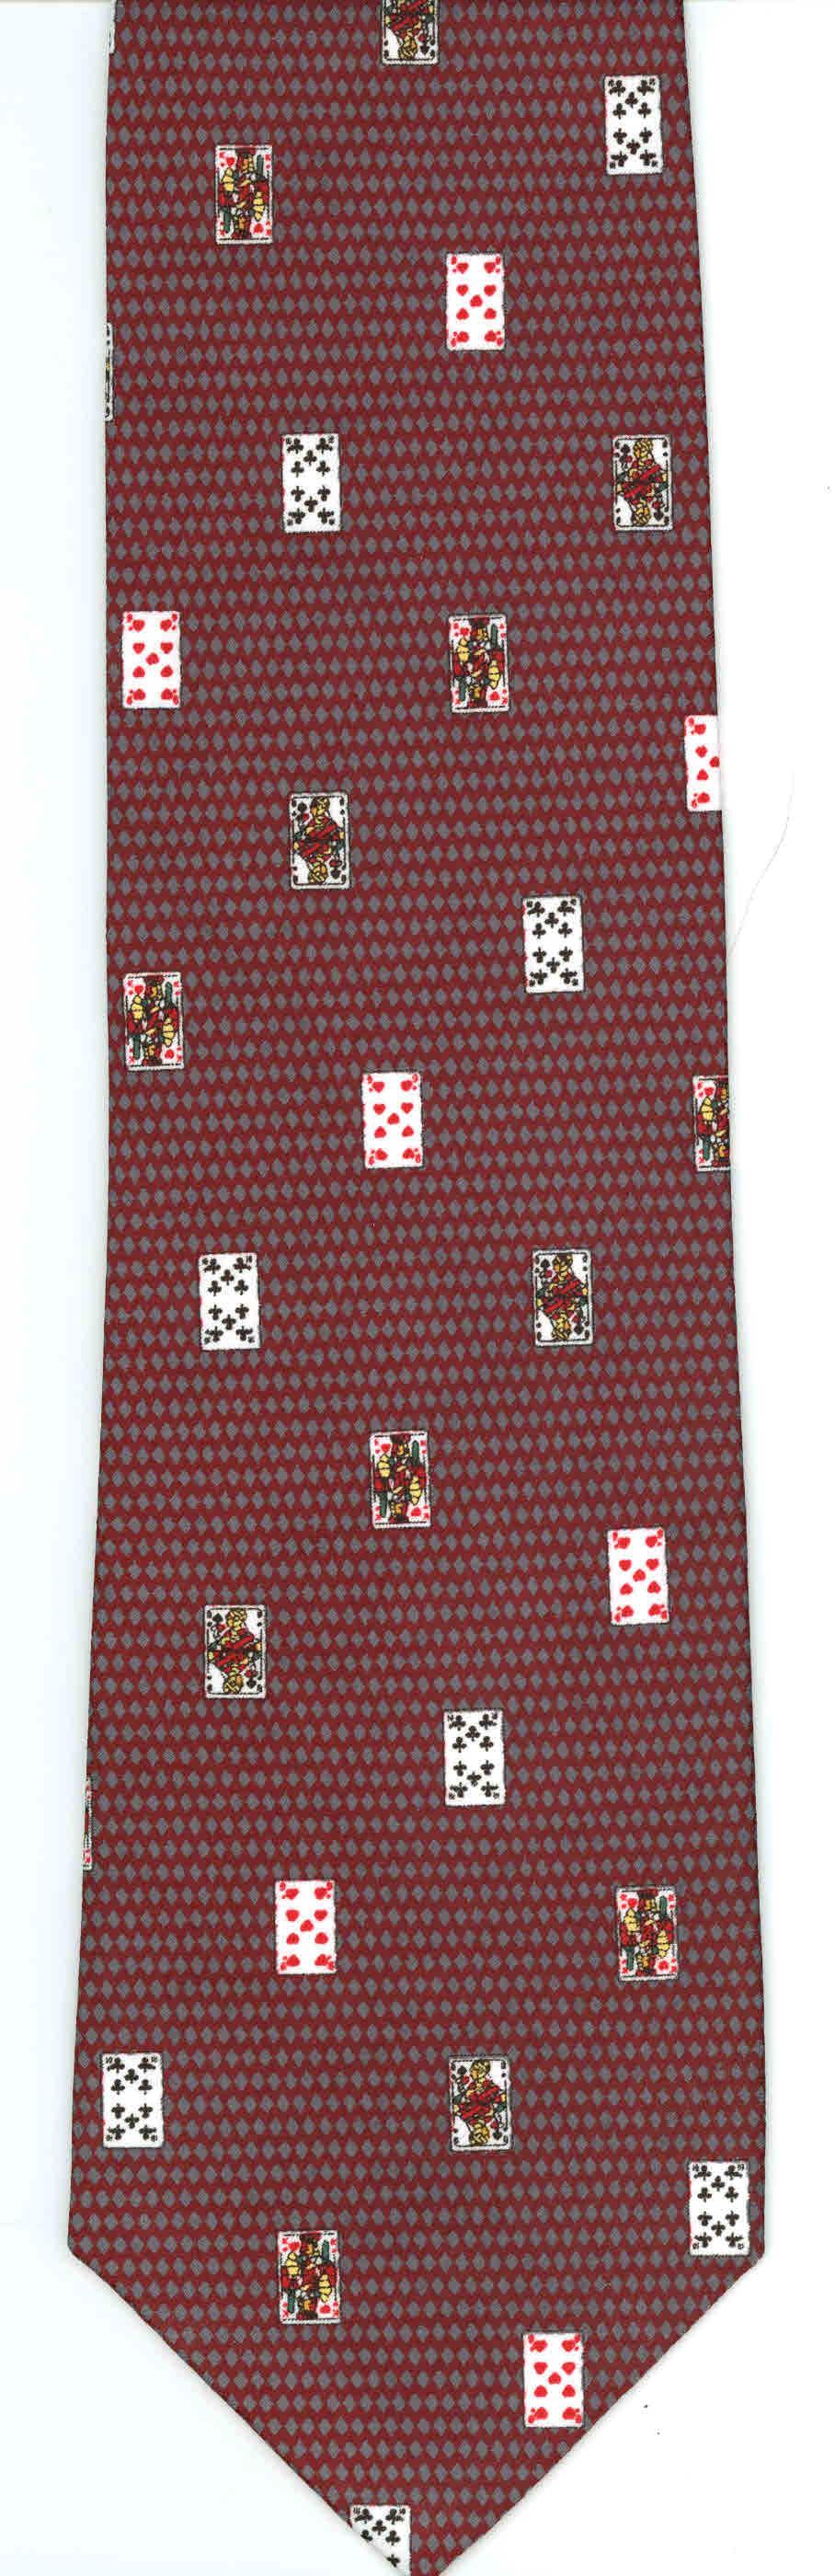 080 Tiny Cards Maroon.jpg